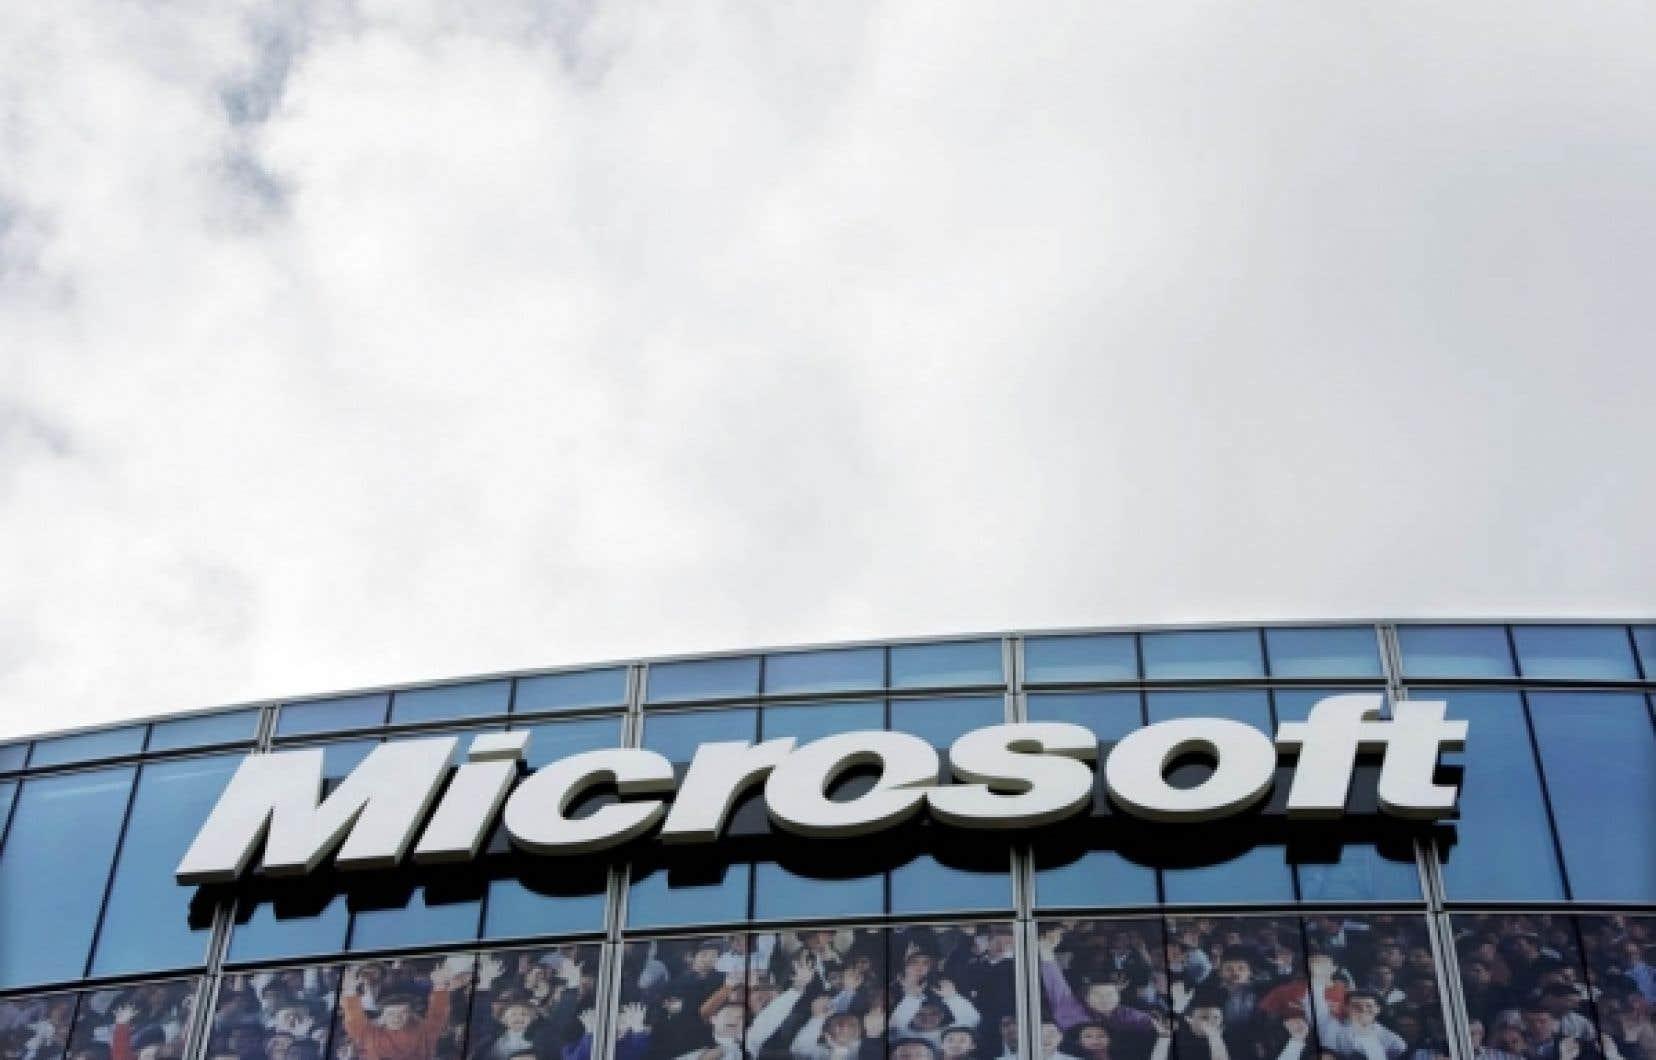 Fujitsu Conseil Canada se présente comme «l'un des plus grands partenaires de Microsoft au monde» et ses employés «entretiennent des liens étroits» avec la multinationale du logiciel.